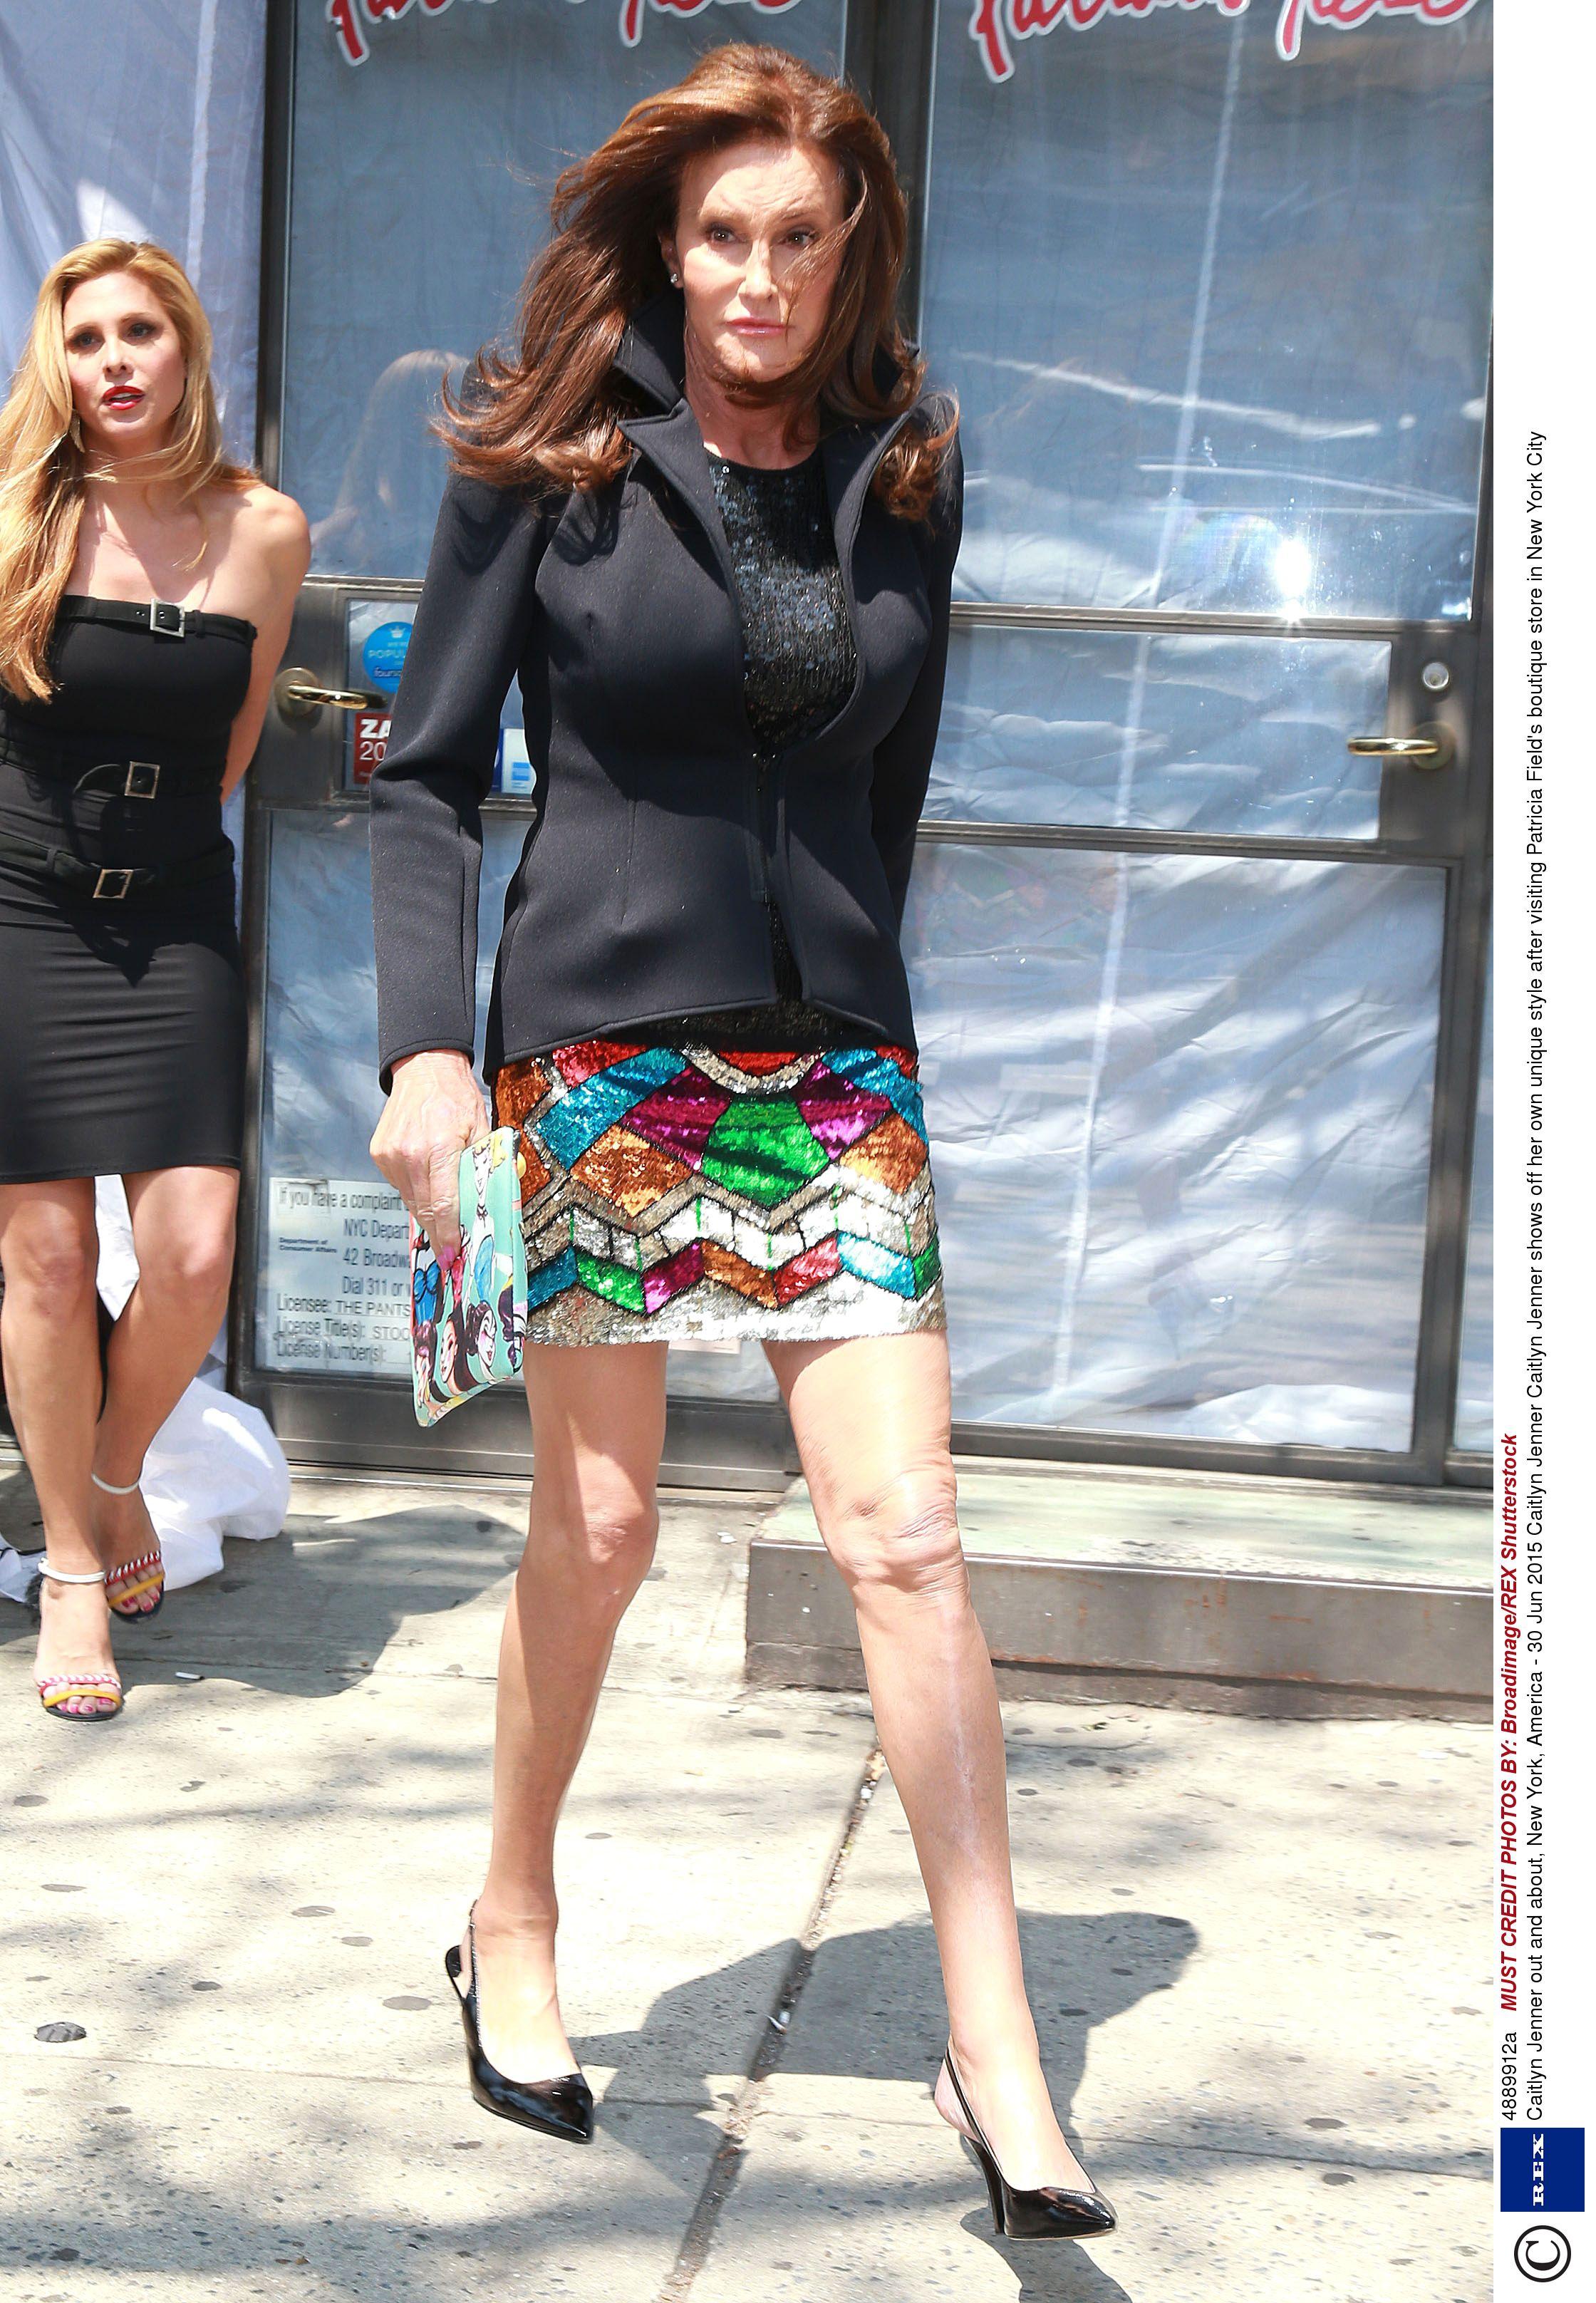 Фото под юбку российским знаменитостям 11 фотография